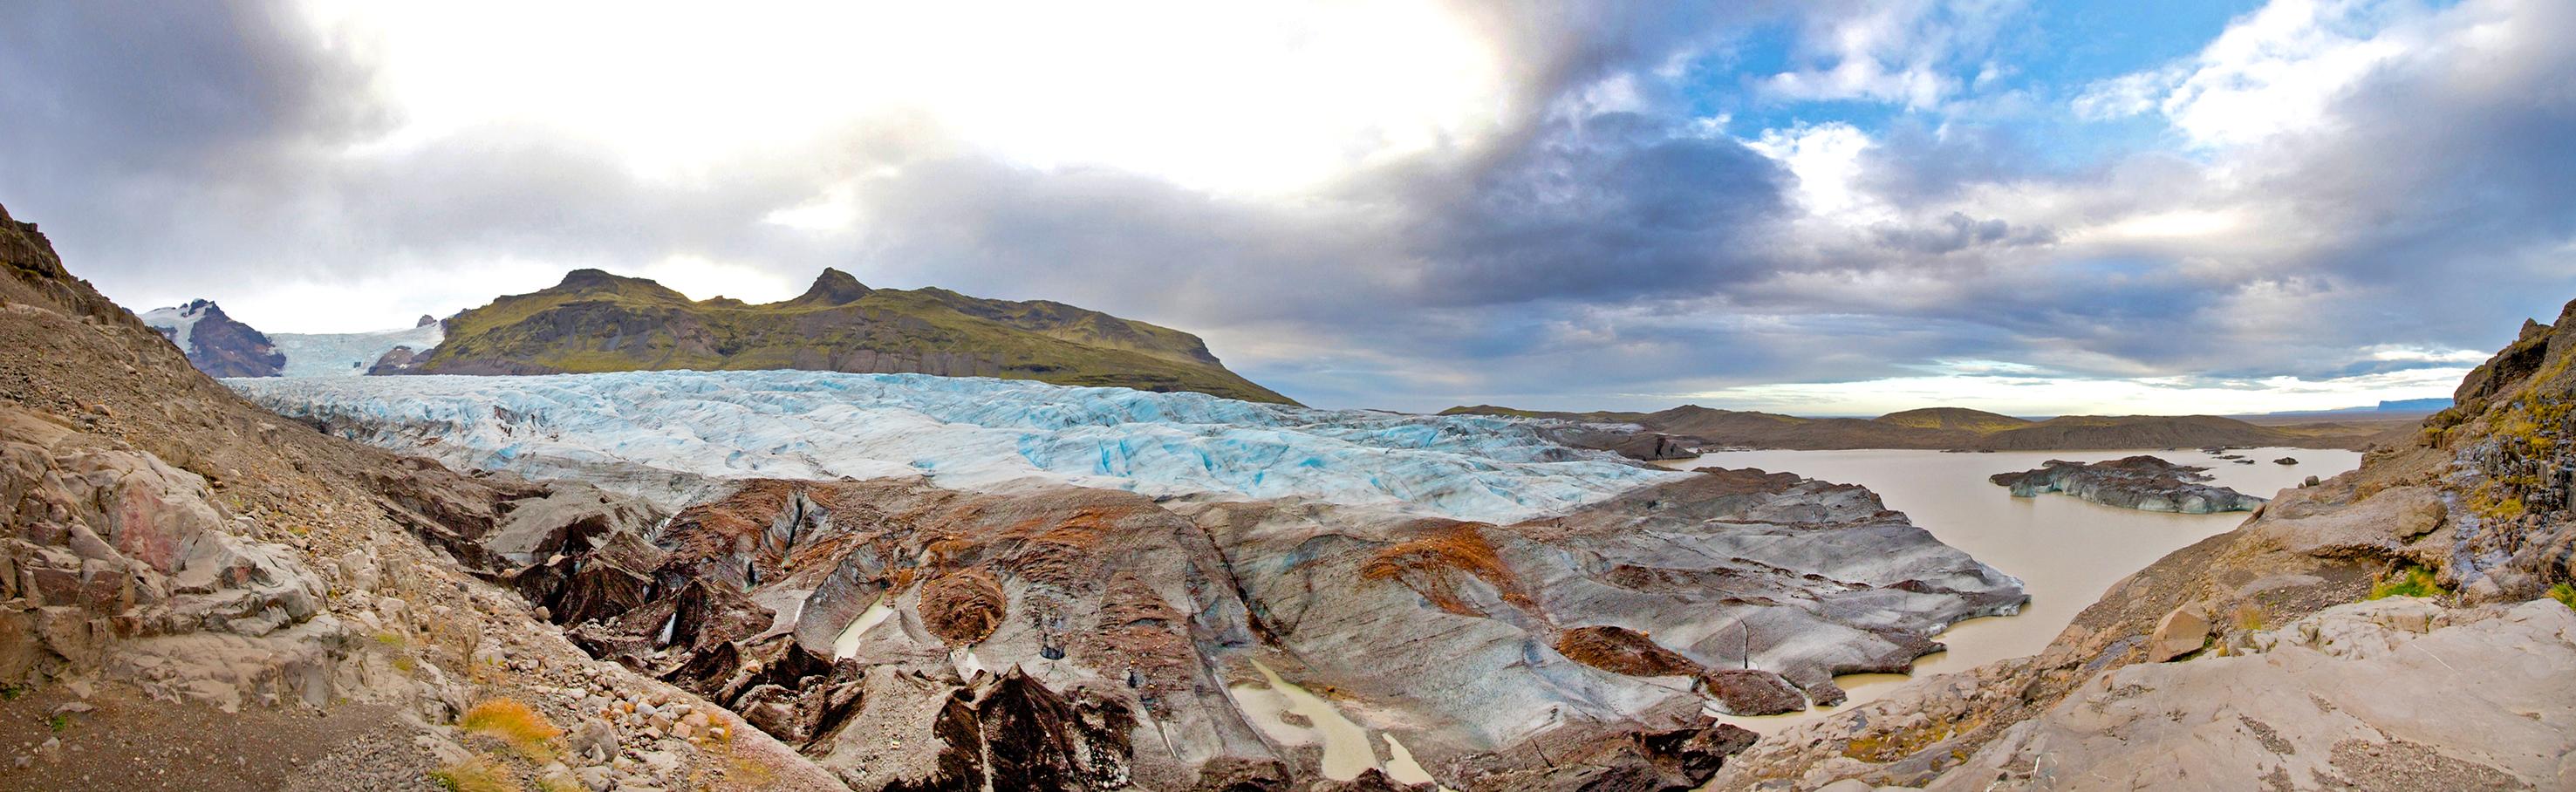 Island, Suedisland, Südisland, Skaftafell Nationalpark, Vatnajökull, Gletscher, Gletscherzunge, Eis,